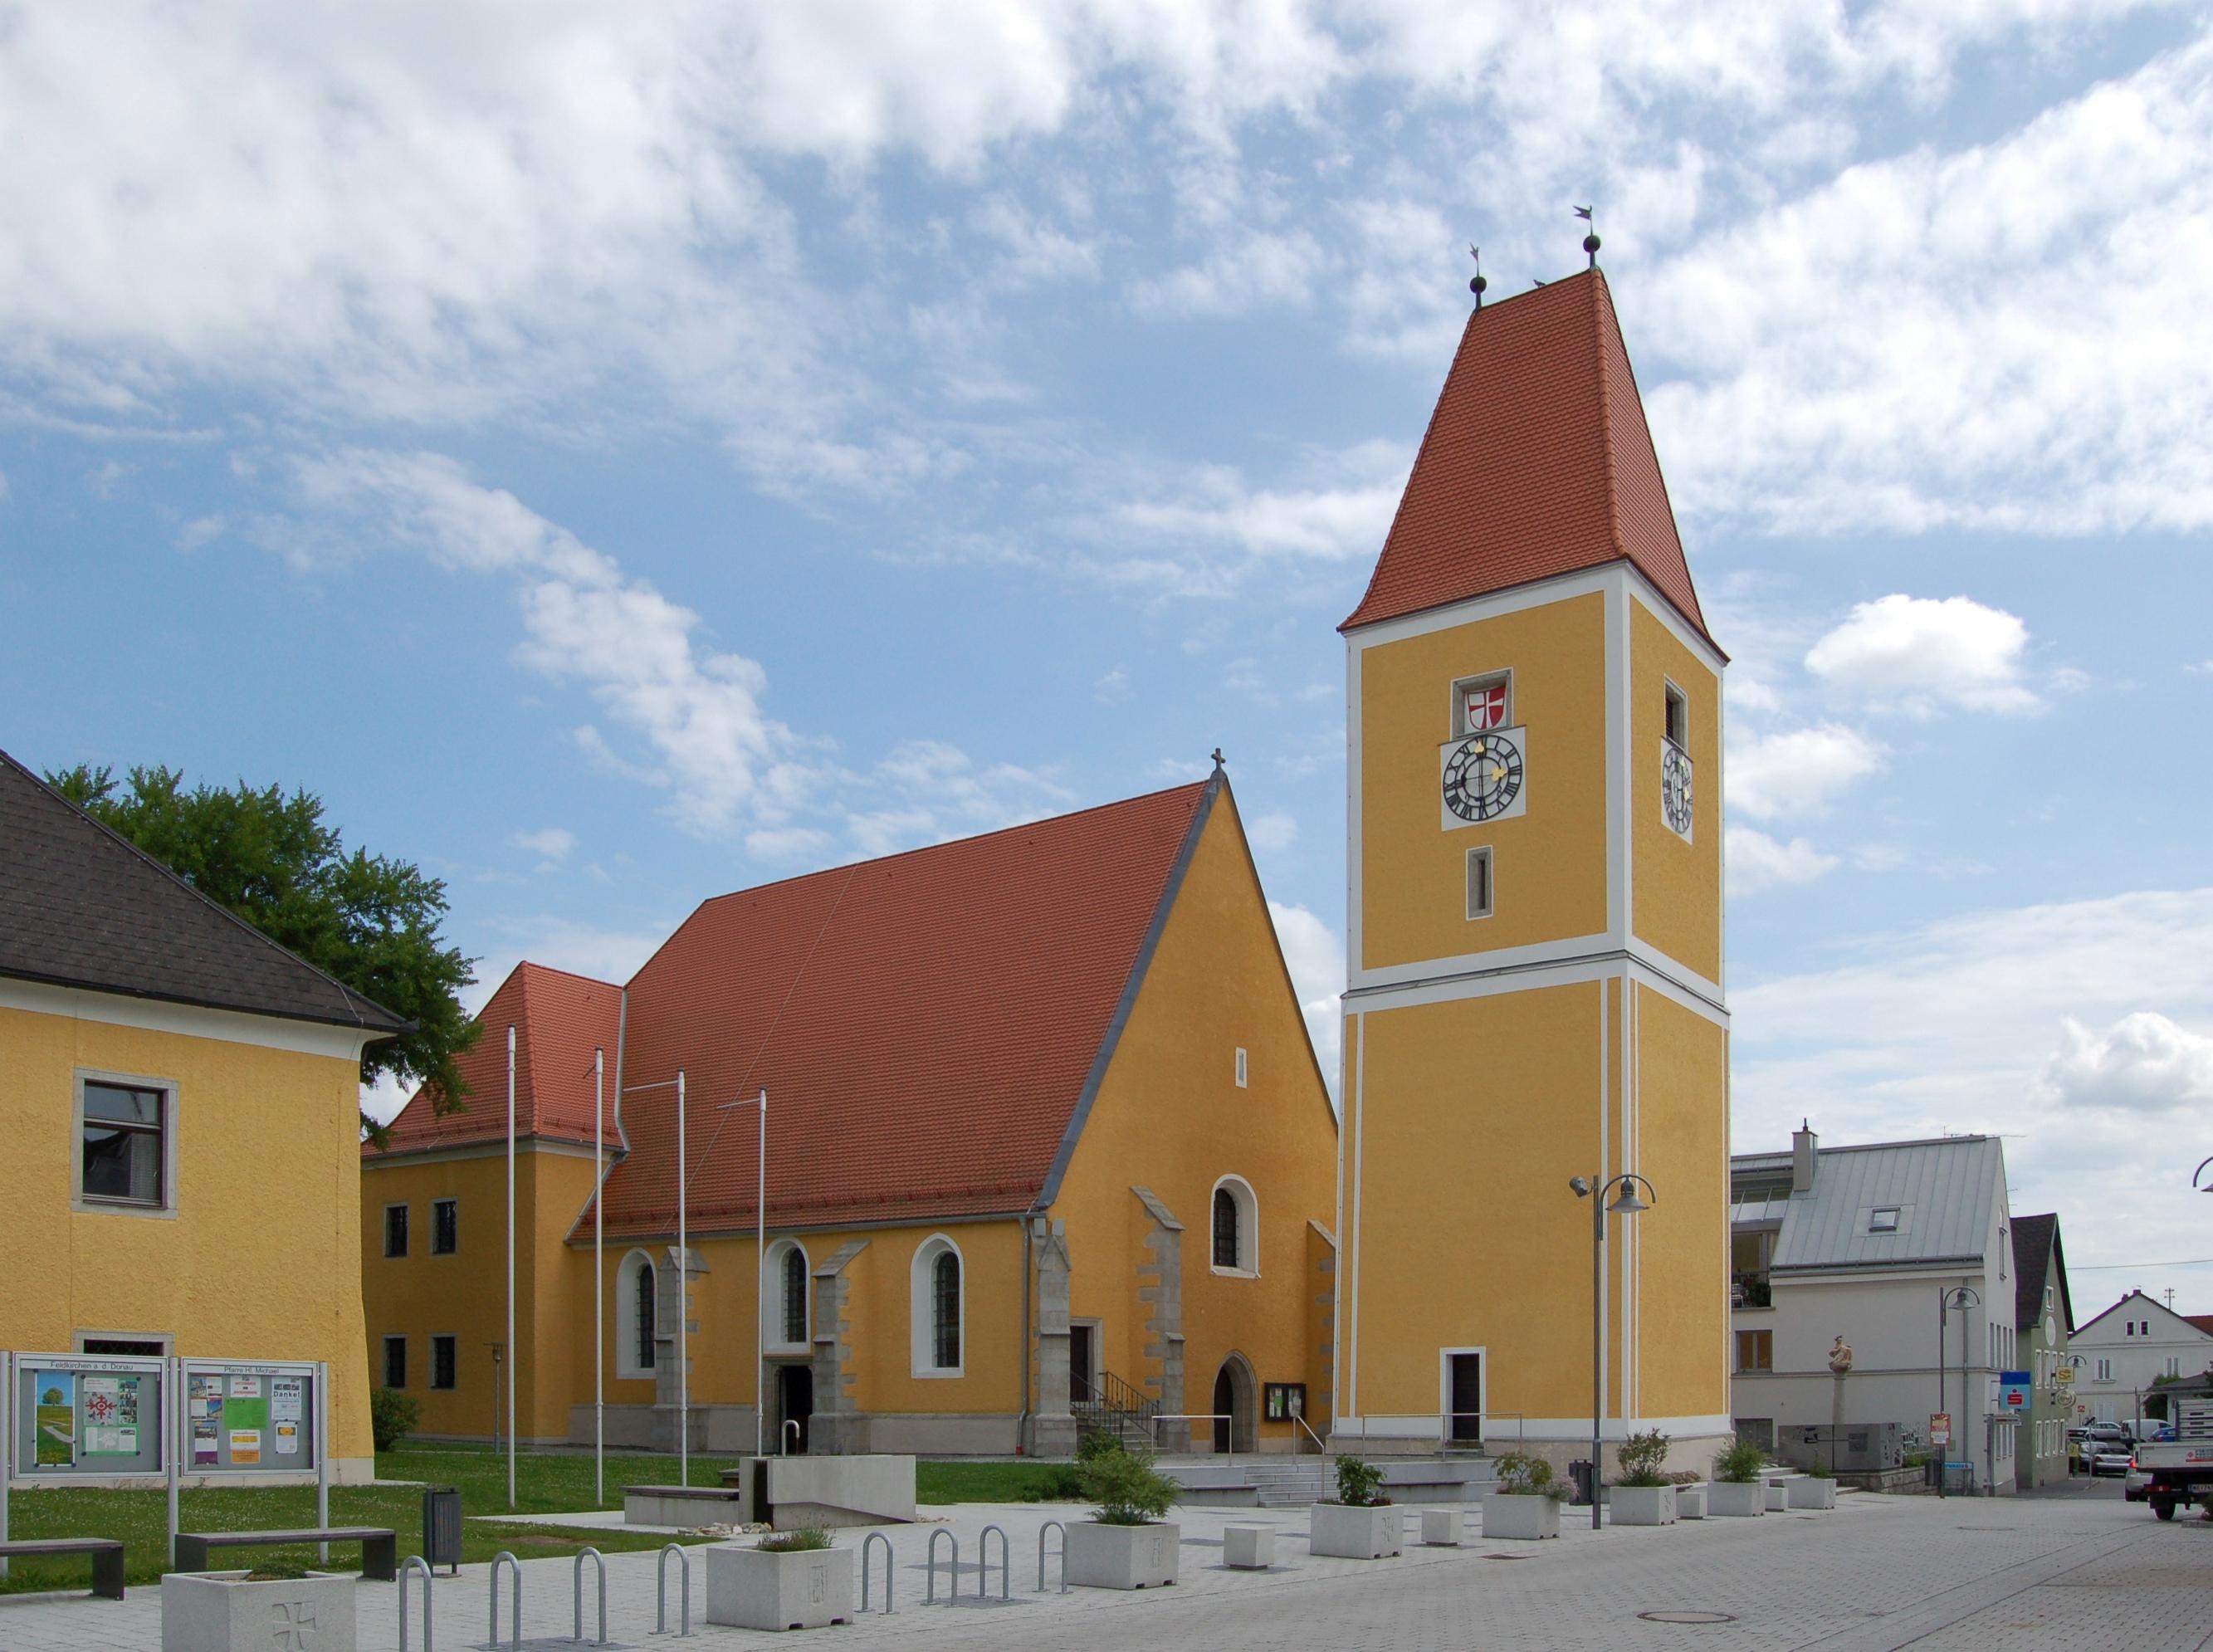 Badeseen Feldkirchen an der Donau - Donau Obersterreich